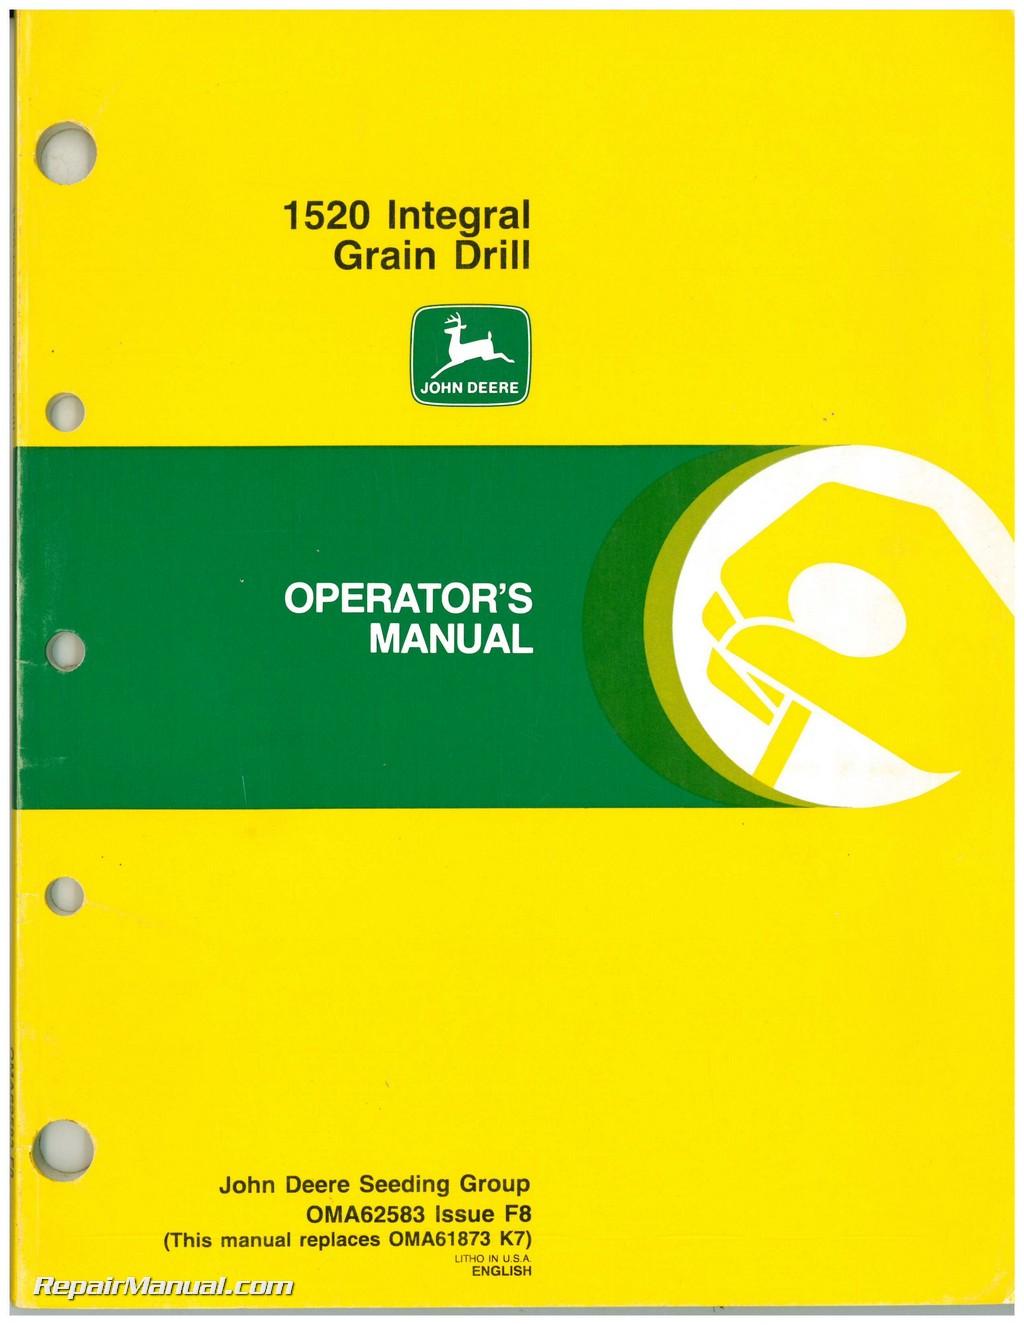 John Deere 2030 Manual Free